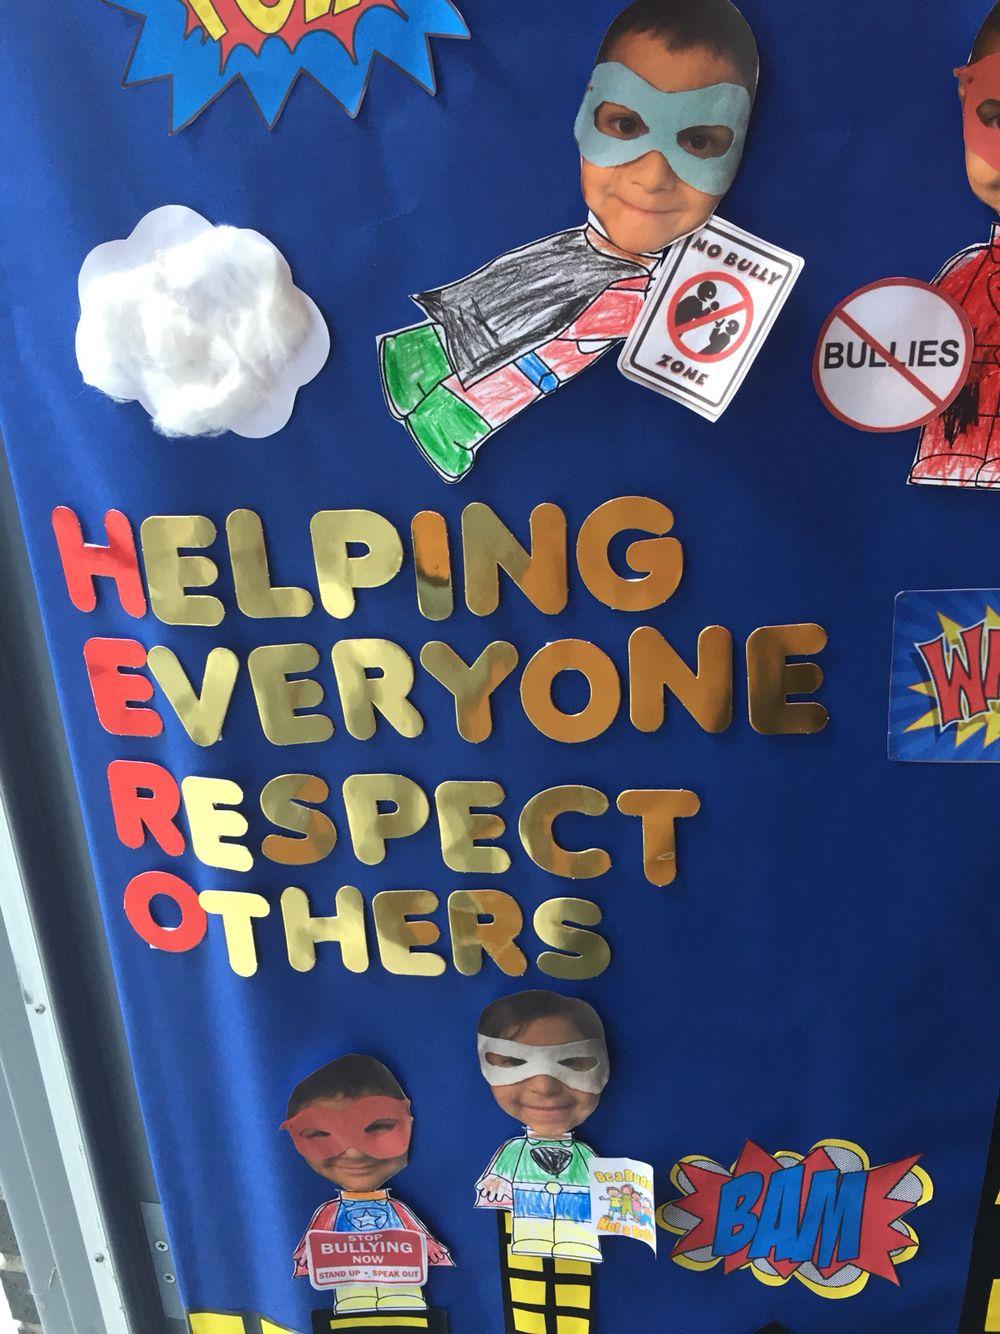 Anti Bullying Door Decoration | Anti Bullying | Pinterest ...